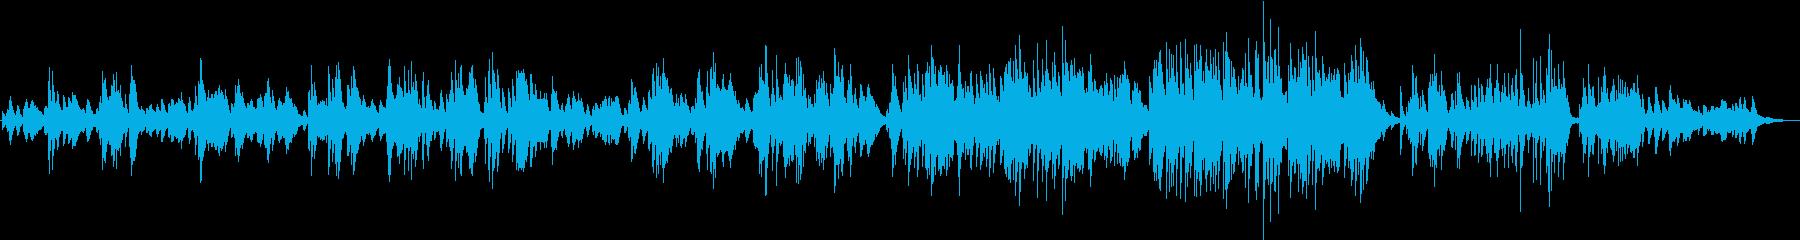 ロンドンデリーの歌のジャズピアノアレンジの再生済みの波形